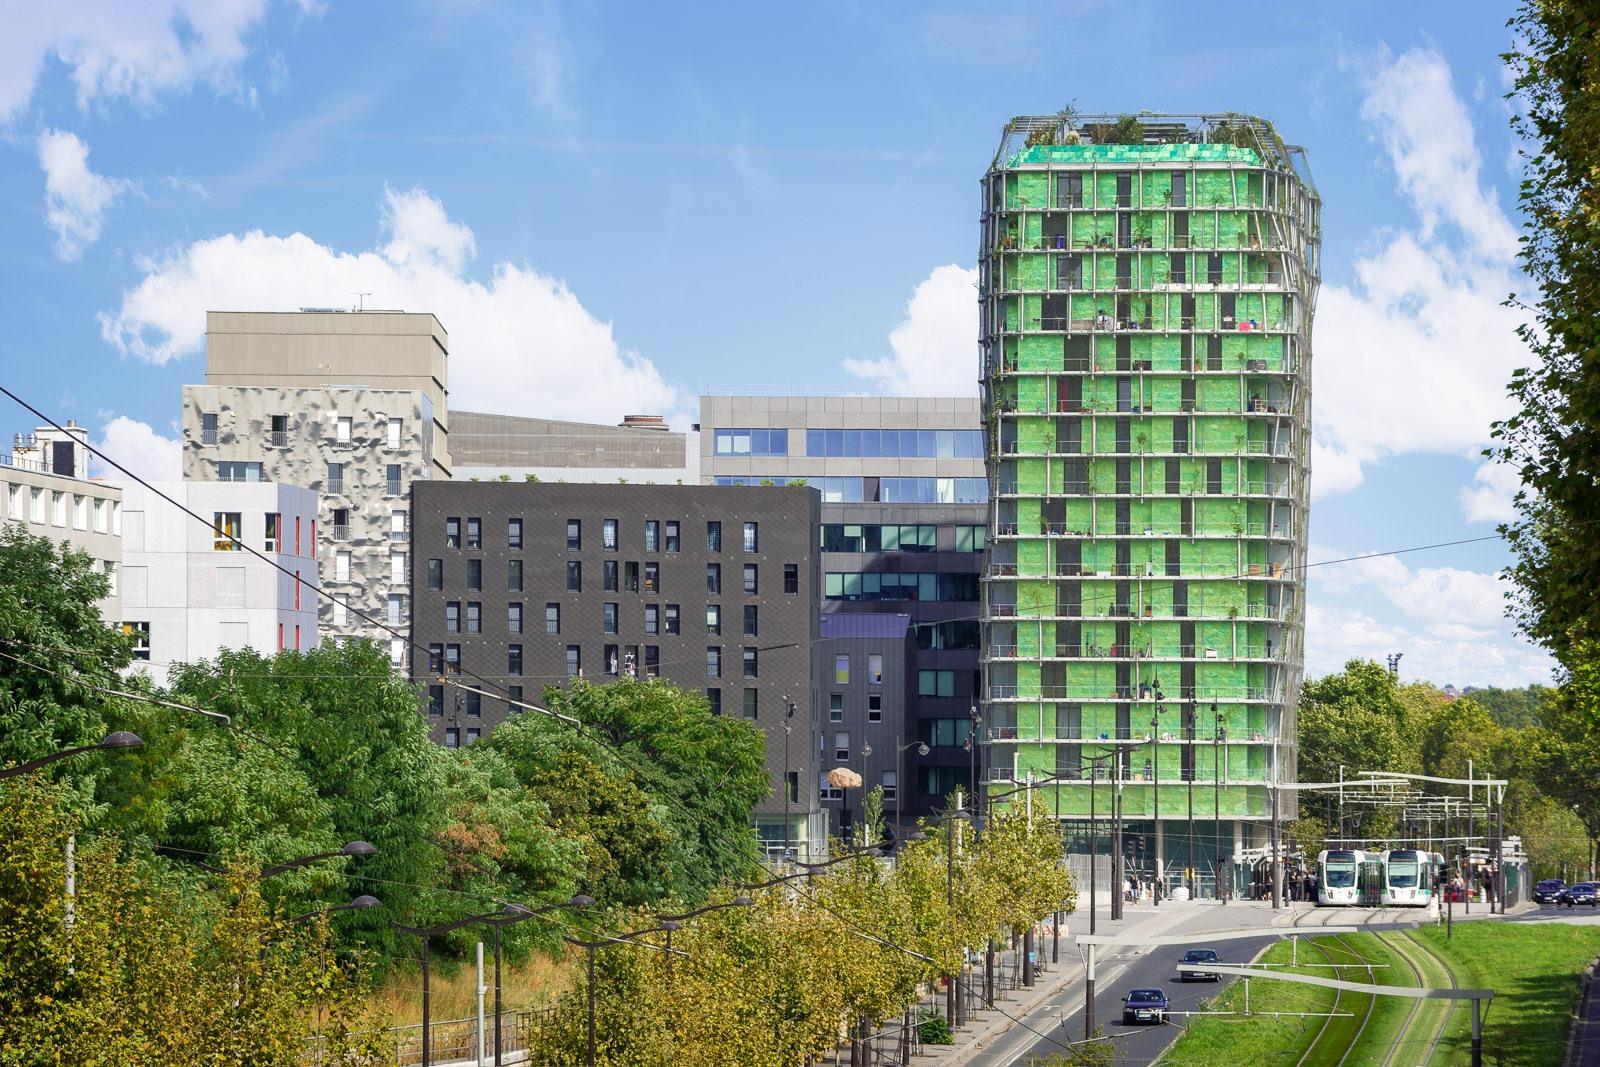 Pierrelexcellent Edouardfrancois Tourbiodiversite 43 Architecture Jeu De Contrastes Pour